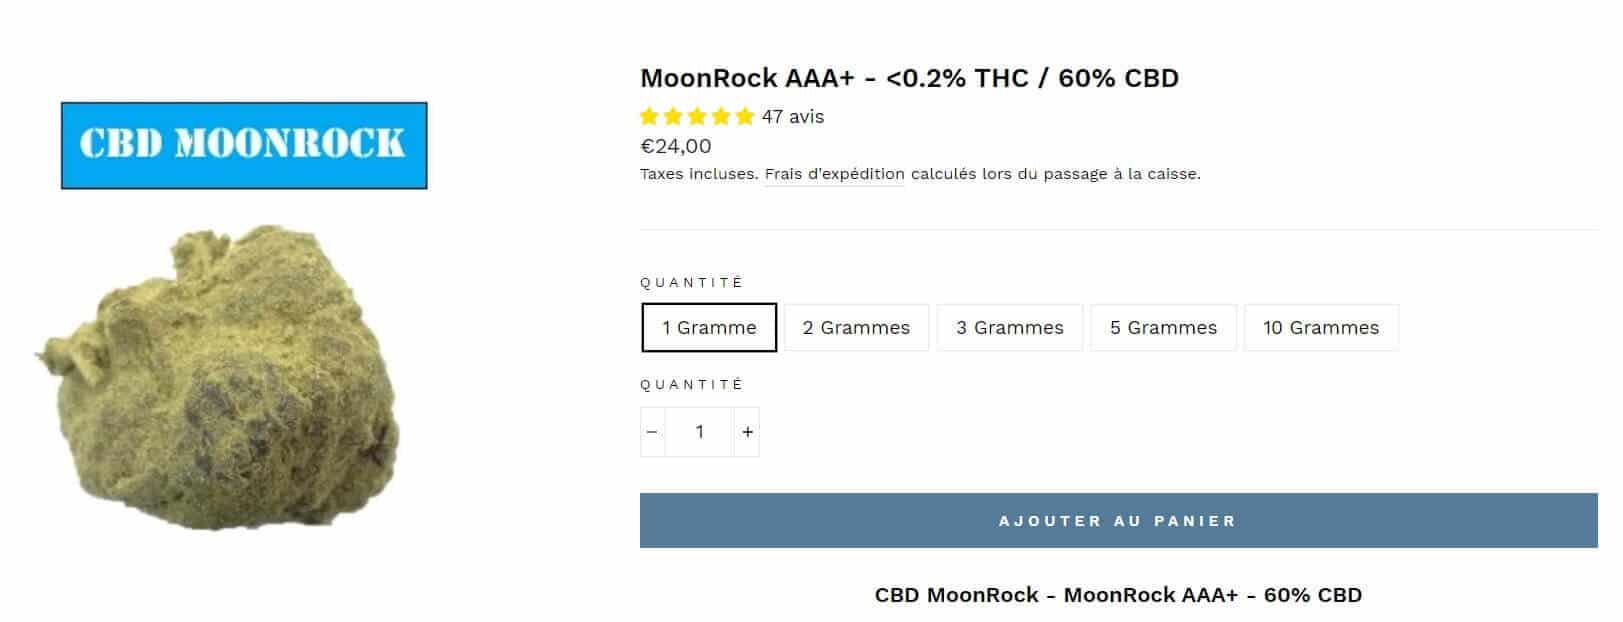 cbd moonrock 420 green road